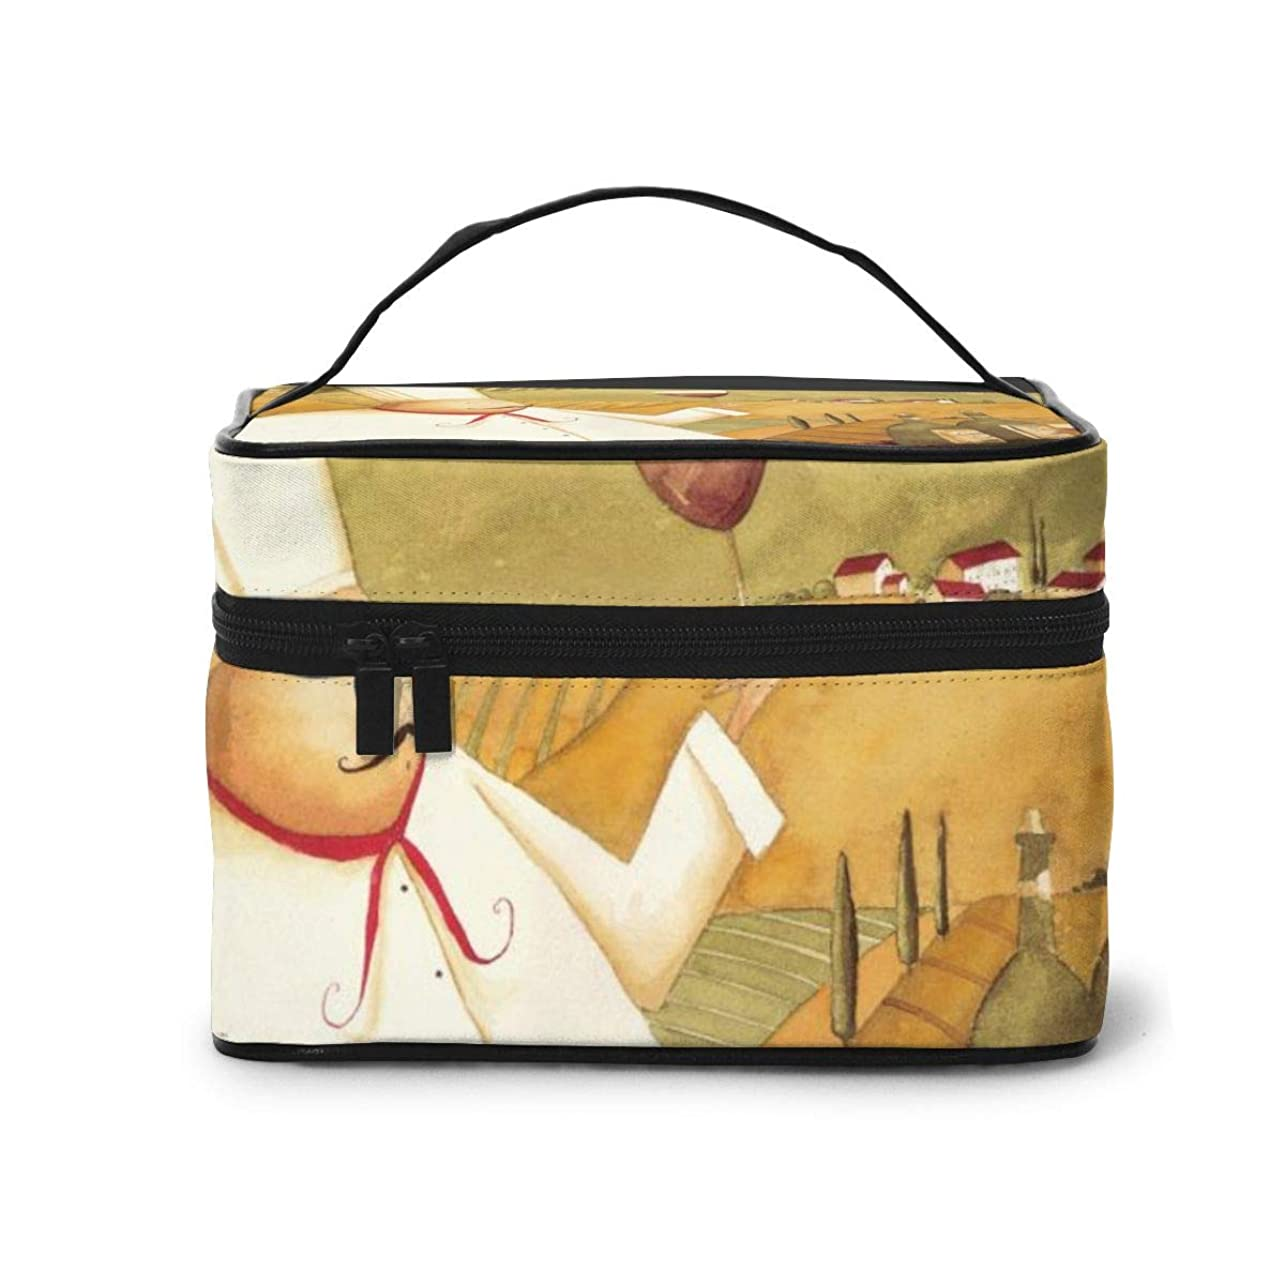 当社甘くする休みメイクポーチ 化粧ポーチ コスメバッグ バニティケース トラベルポーチ シェフ ワイン ぶどう 雑貨 小物入れ 出張用 超軽量 機能的 大容量 収納ボックス